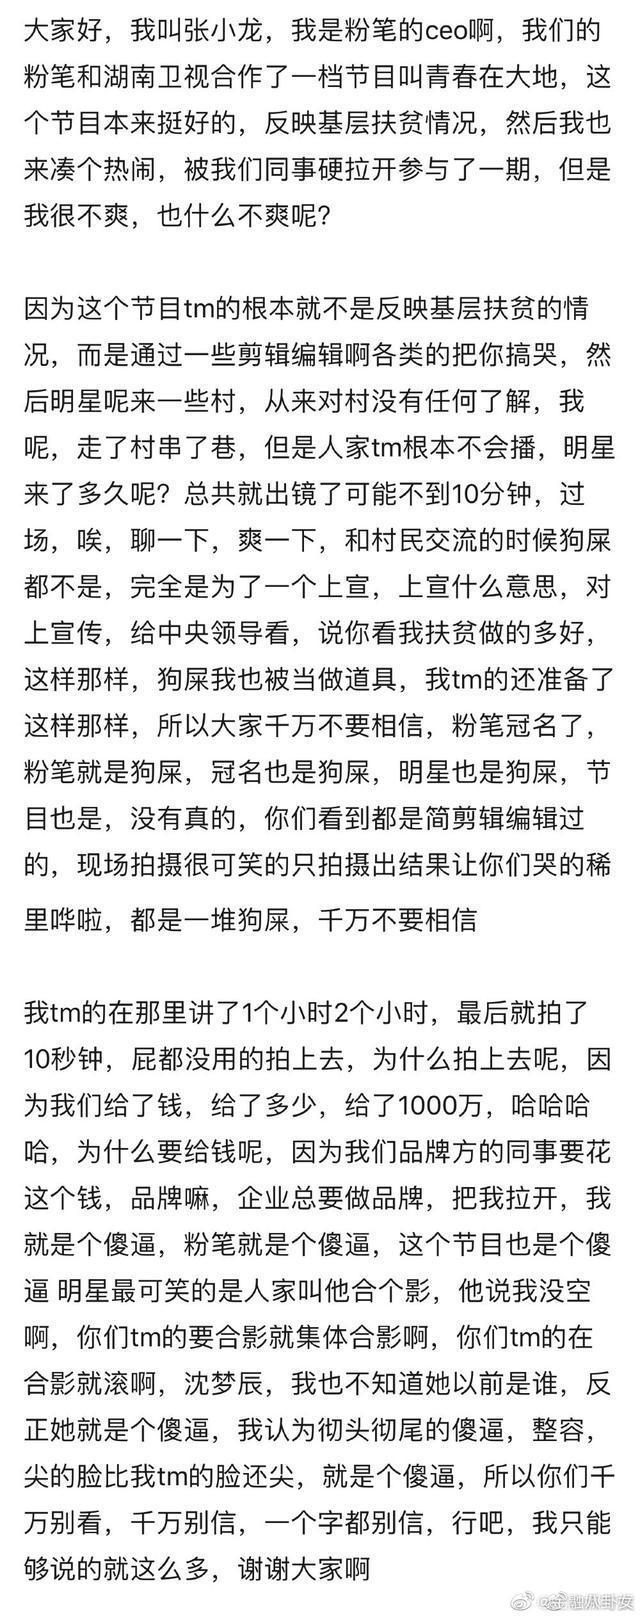 粉笔网总裁张小龙炮轰芒果台综艺虚假扶贫插图1